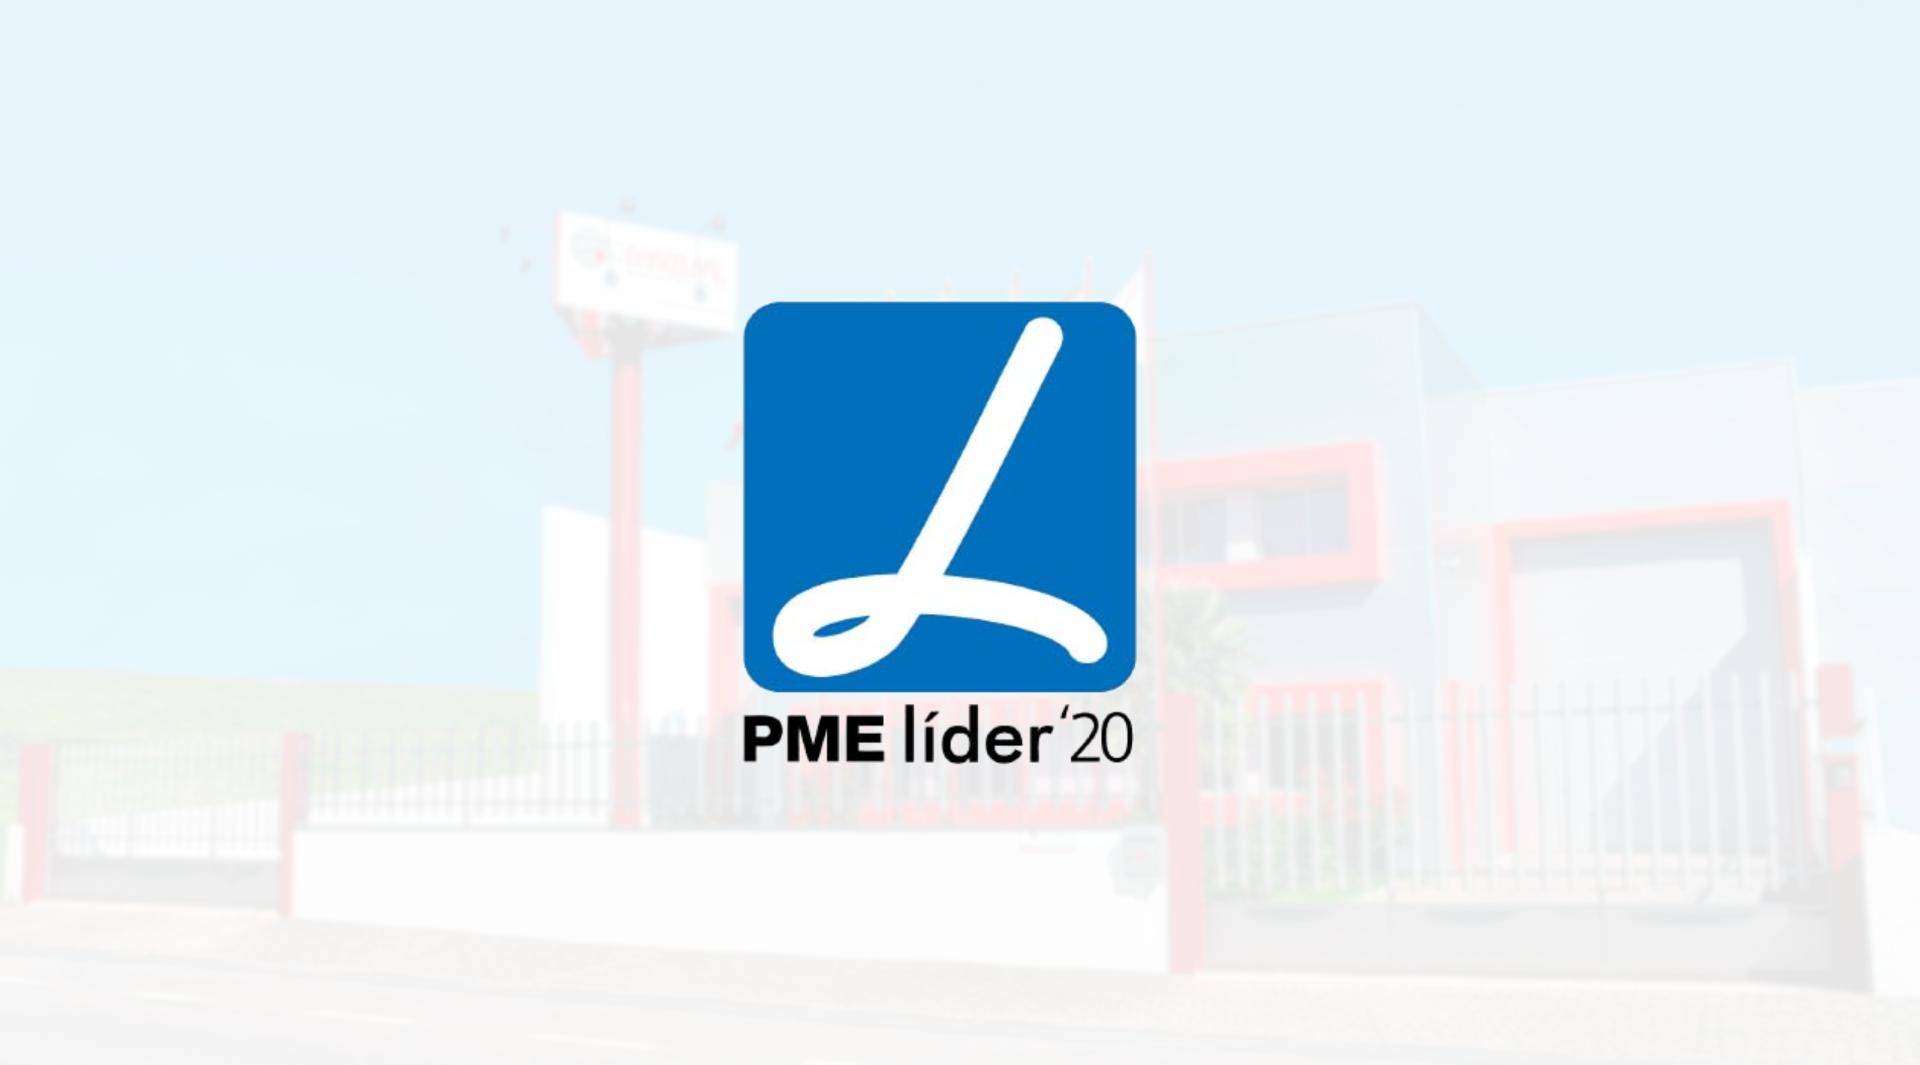 Recebemos o estatuto de PME Líder 2020